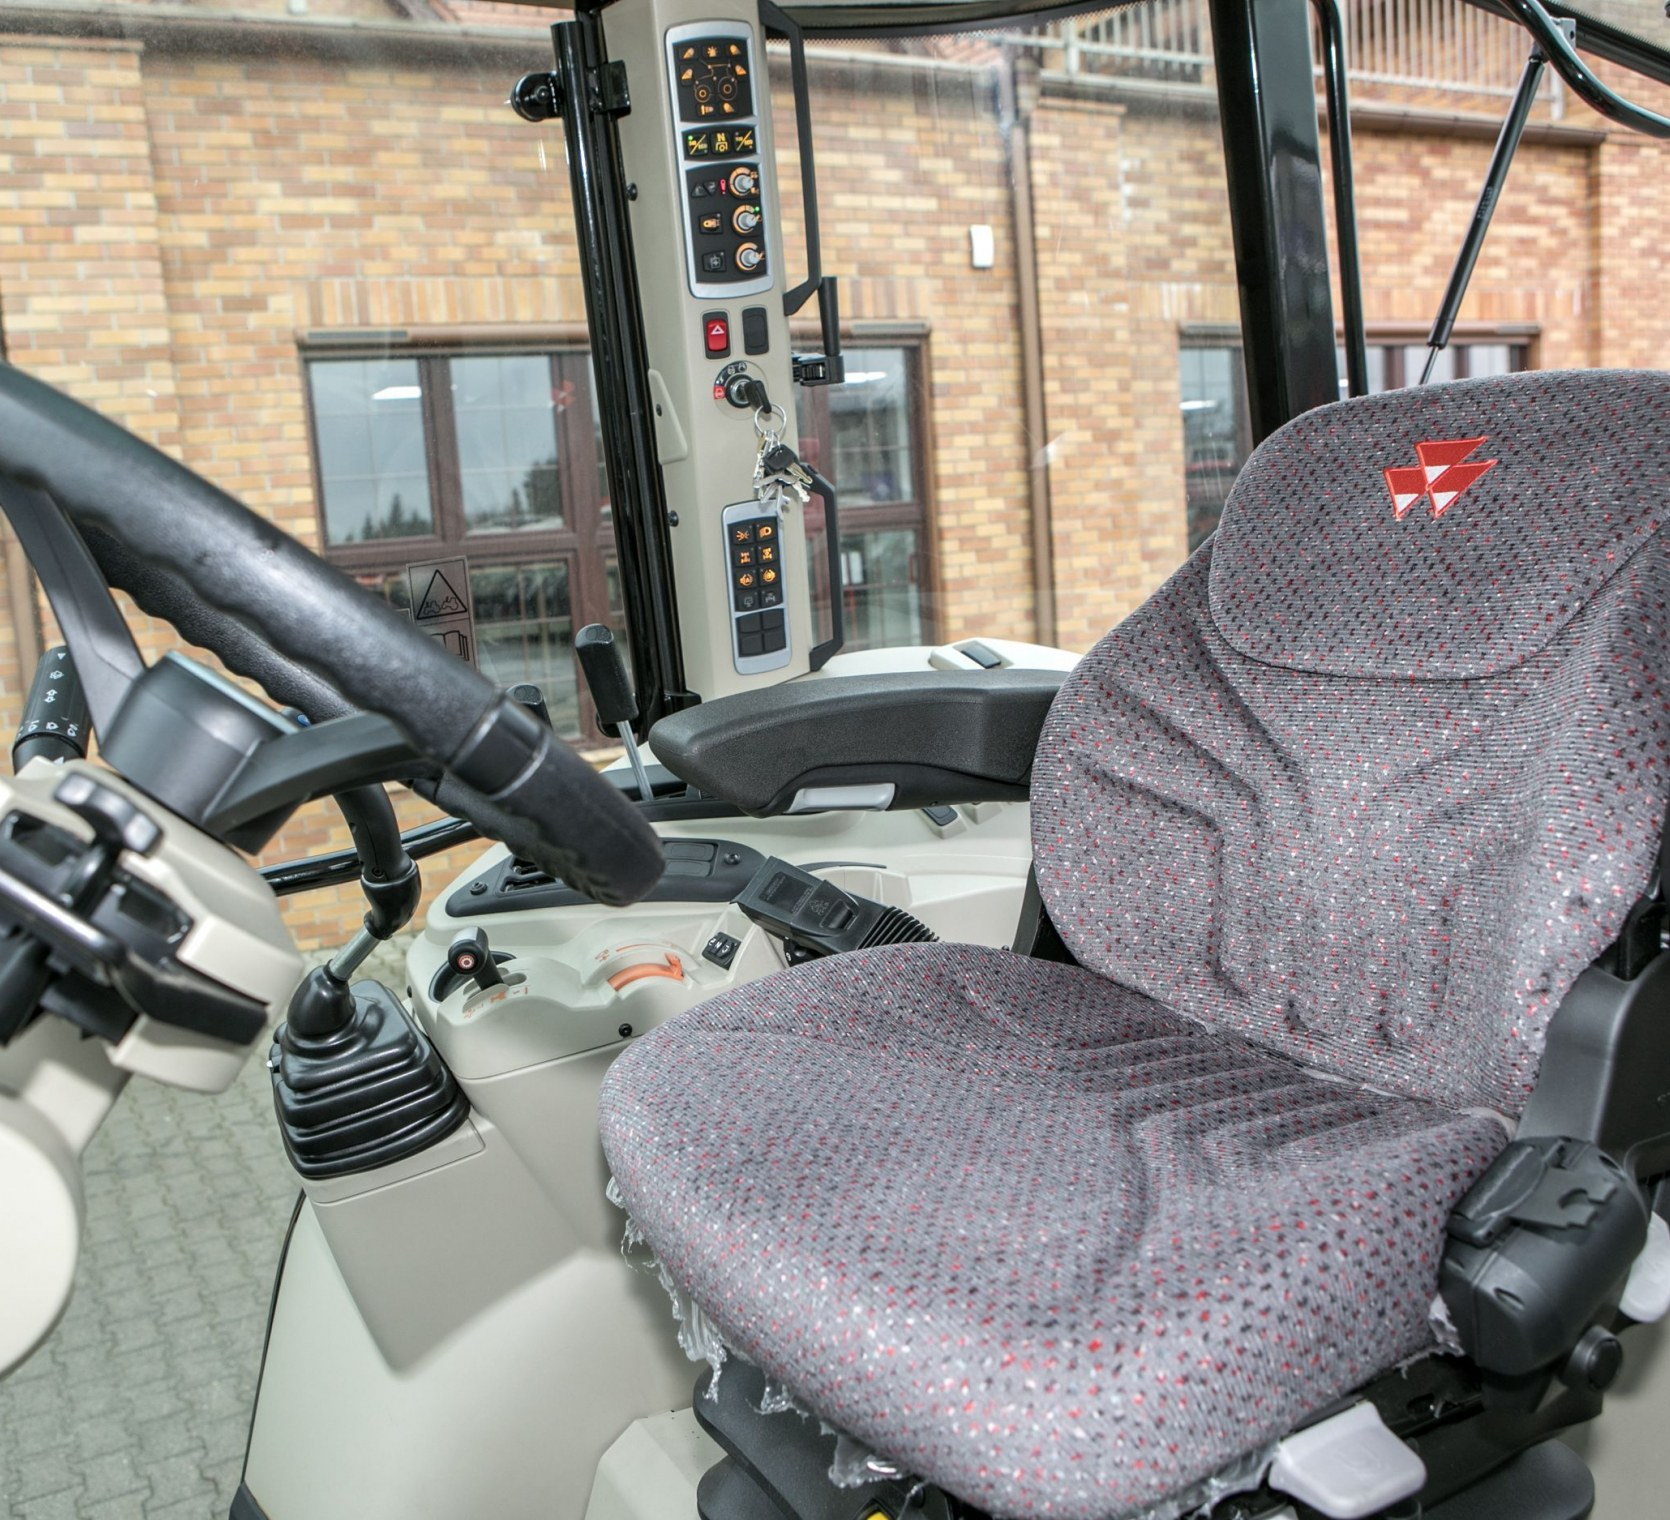 korbanek.pl promocja Massey Ferguson 5611 klimatyzowana i ogrzewana kabina wygodny fotel i regulowana kierownica